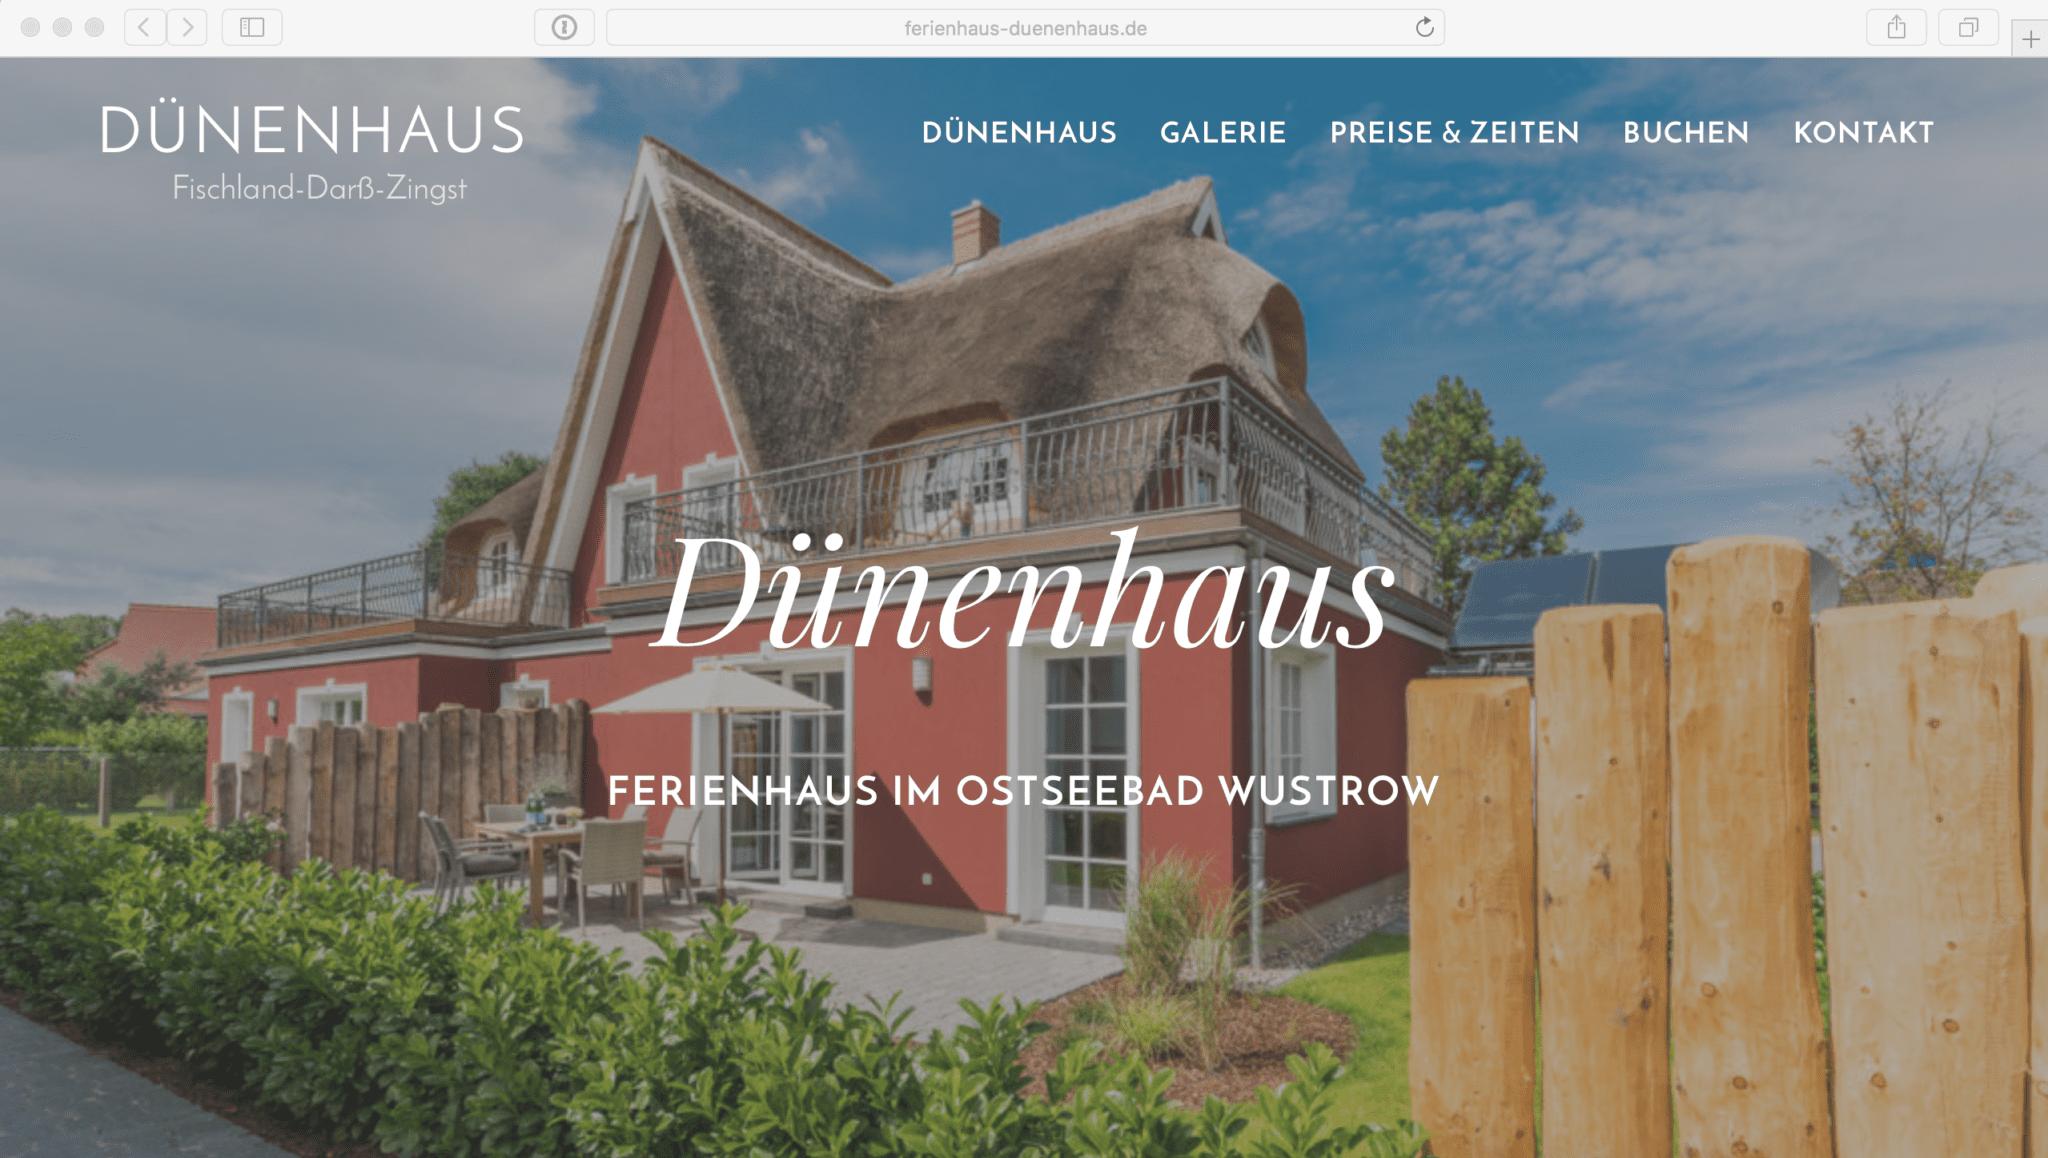 www.ferienhaus-duenenhaus.de-2